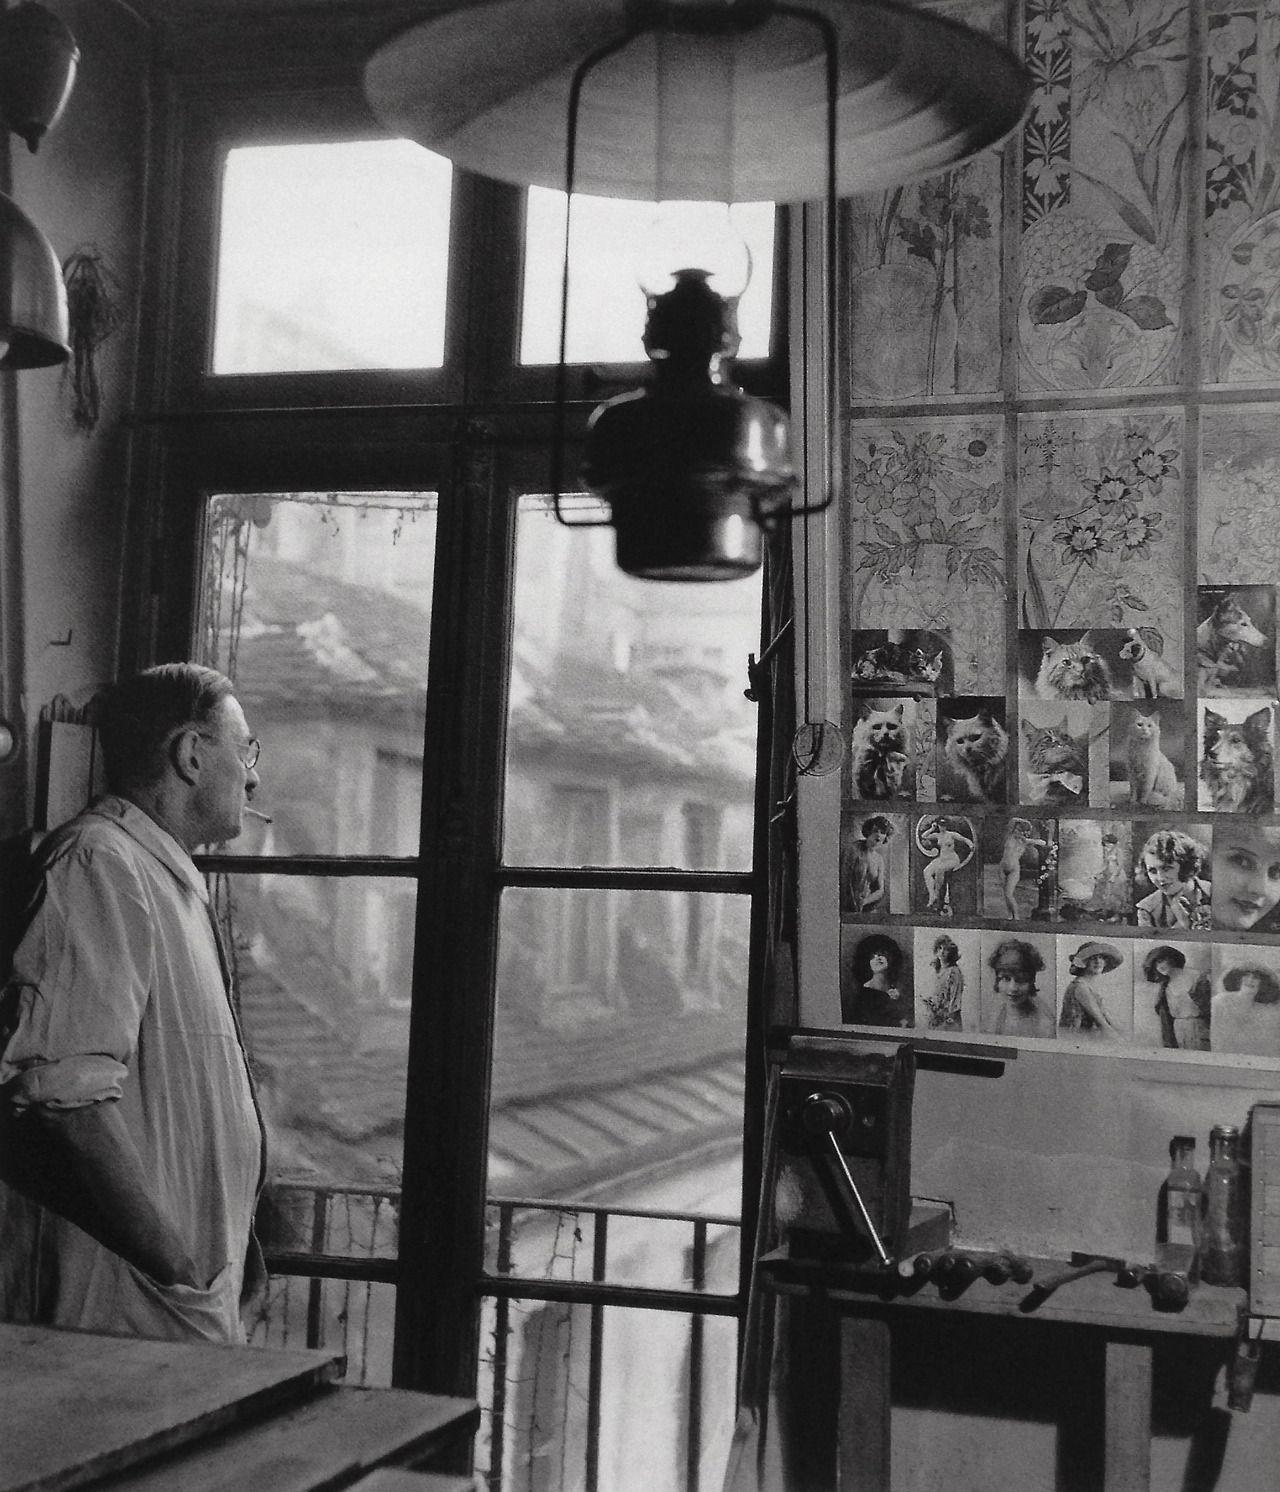 1954. Мужчина смотрит в окно